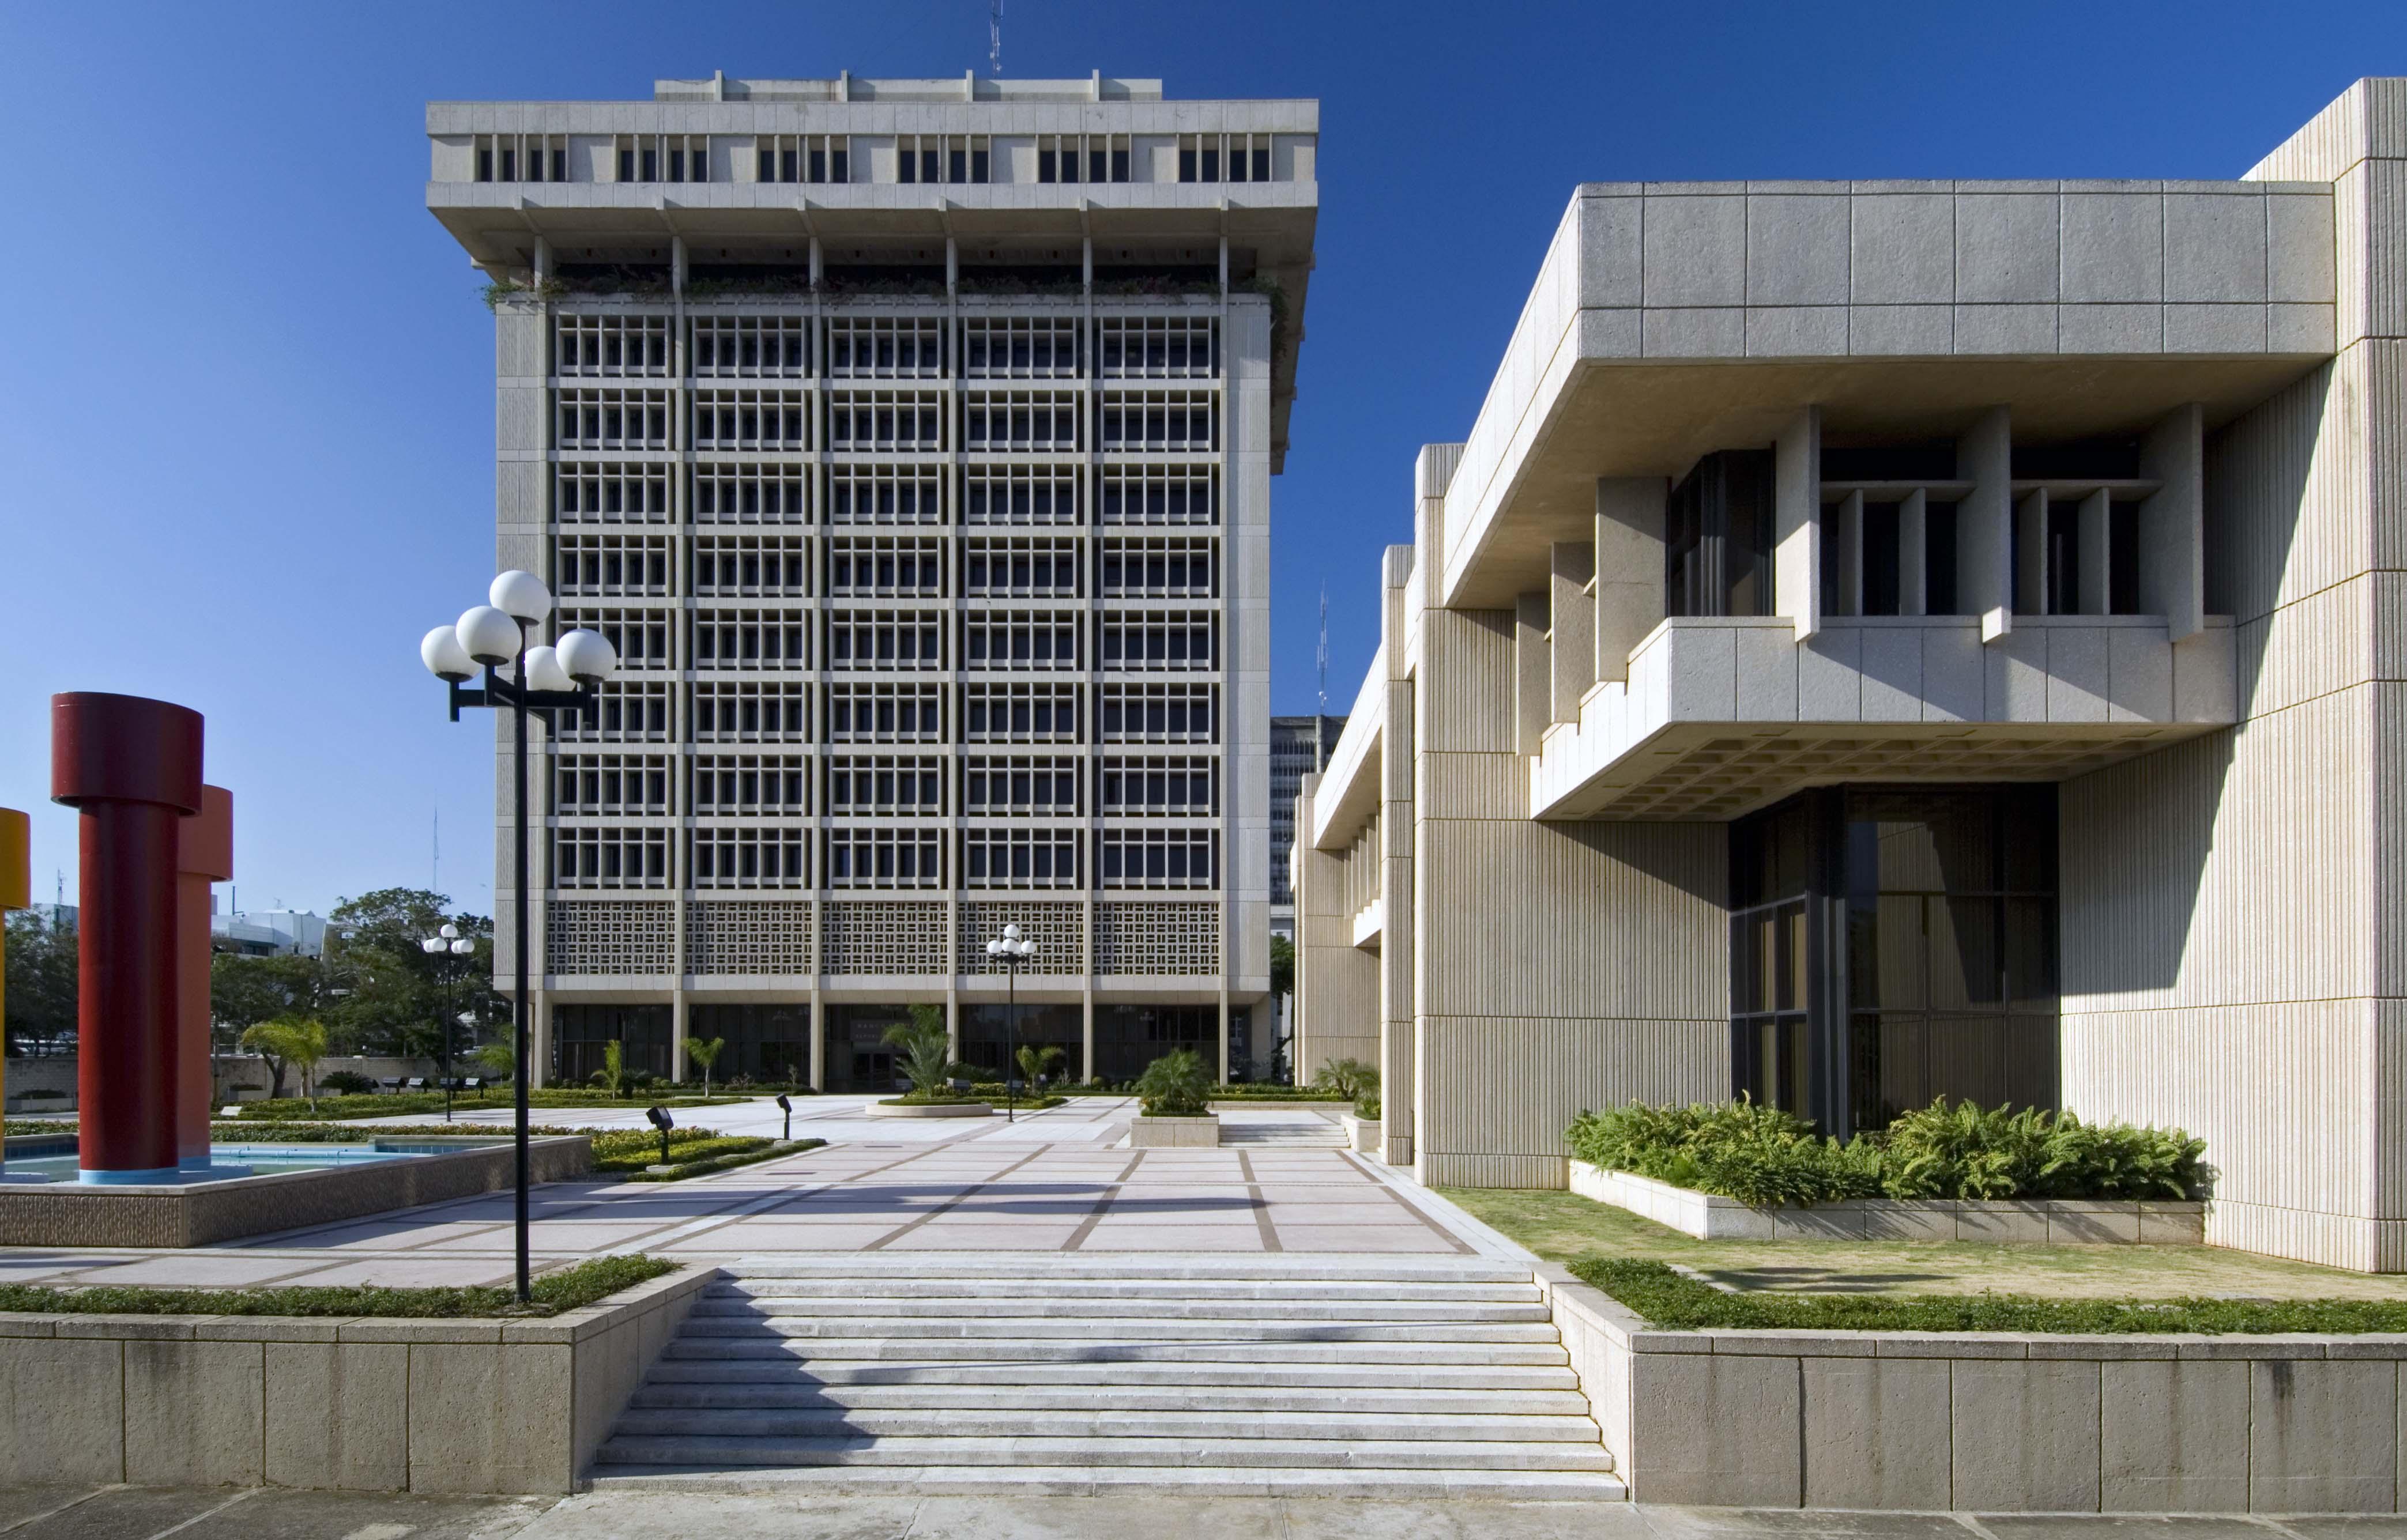 Archivo:Banco Central de la República Dominicana.jpg - Wikipedia, la enciclopedia libre